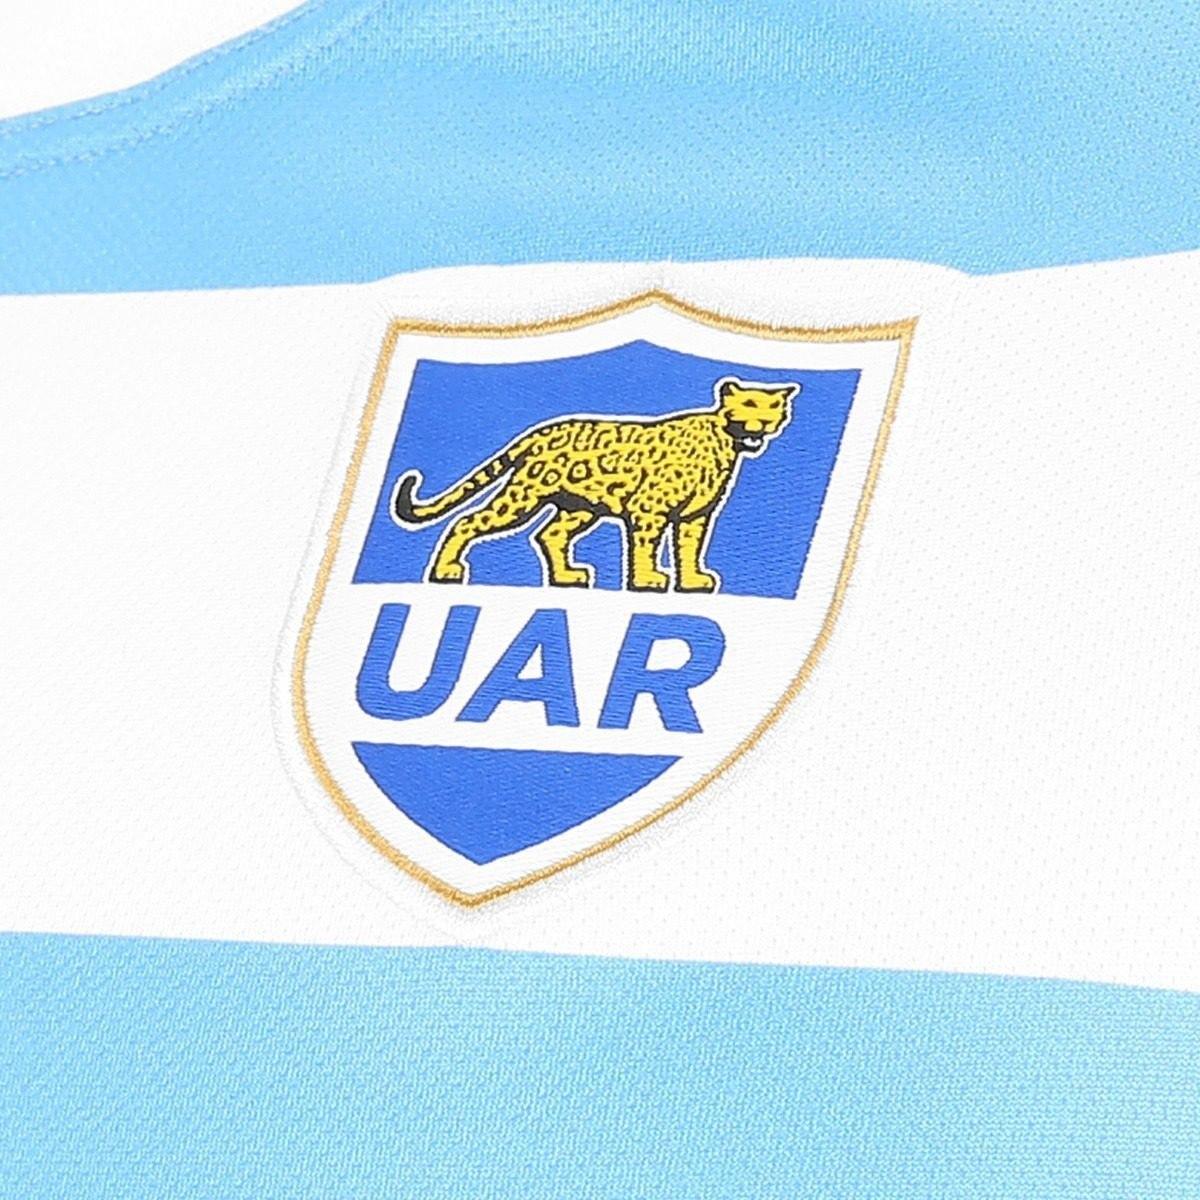 5e782779f camiseta nike uar pumas dry stadium oficial 2017 getup sport. Cargando zoom.